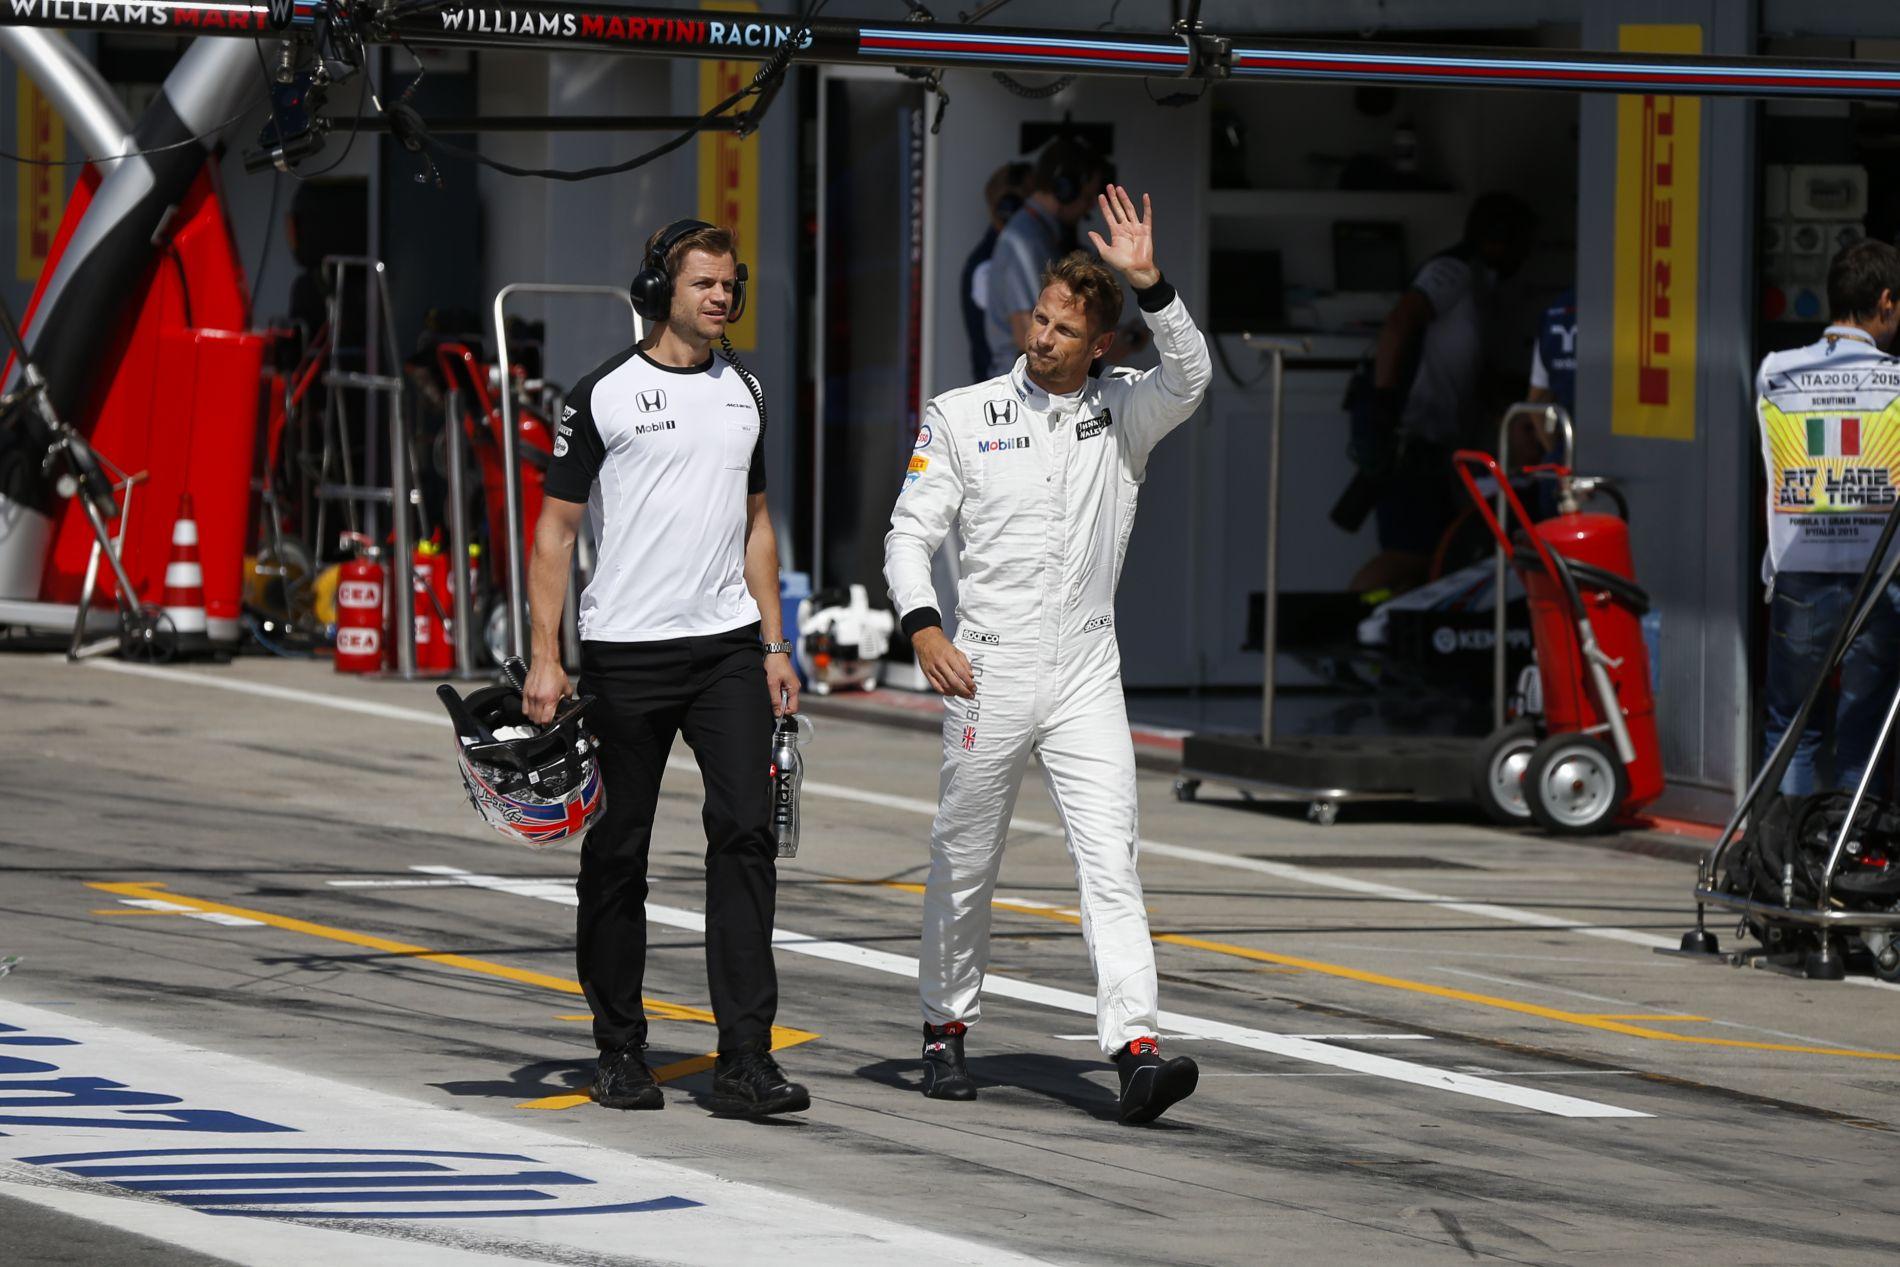 Az F1-ben gyorsan változhatnak a dolgok, lehet, már jövőre elöl lesz a McLaren